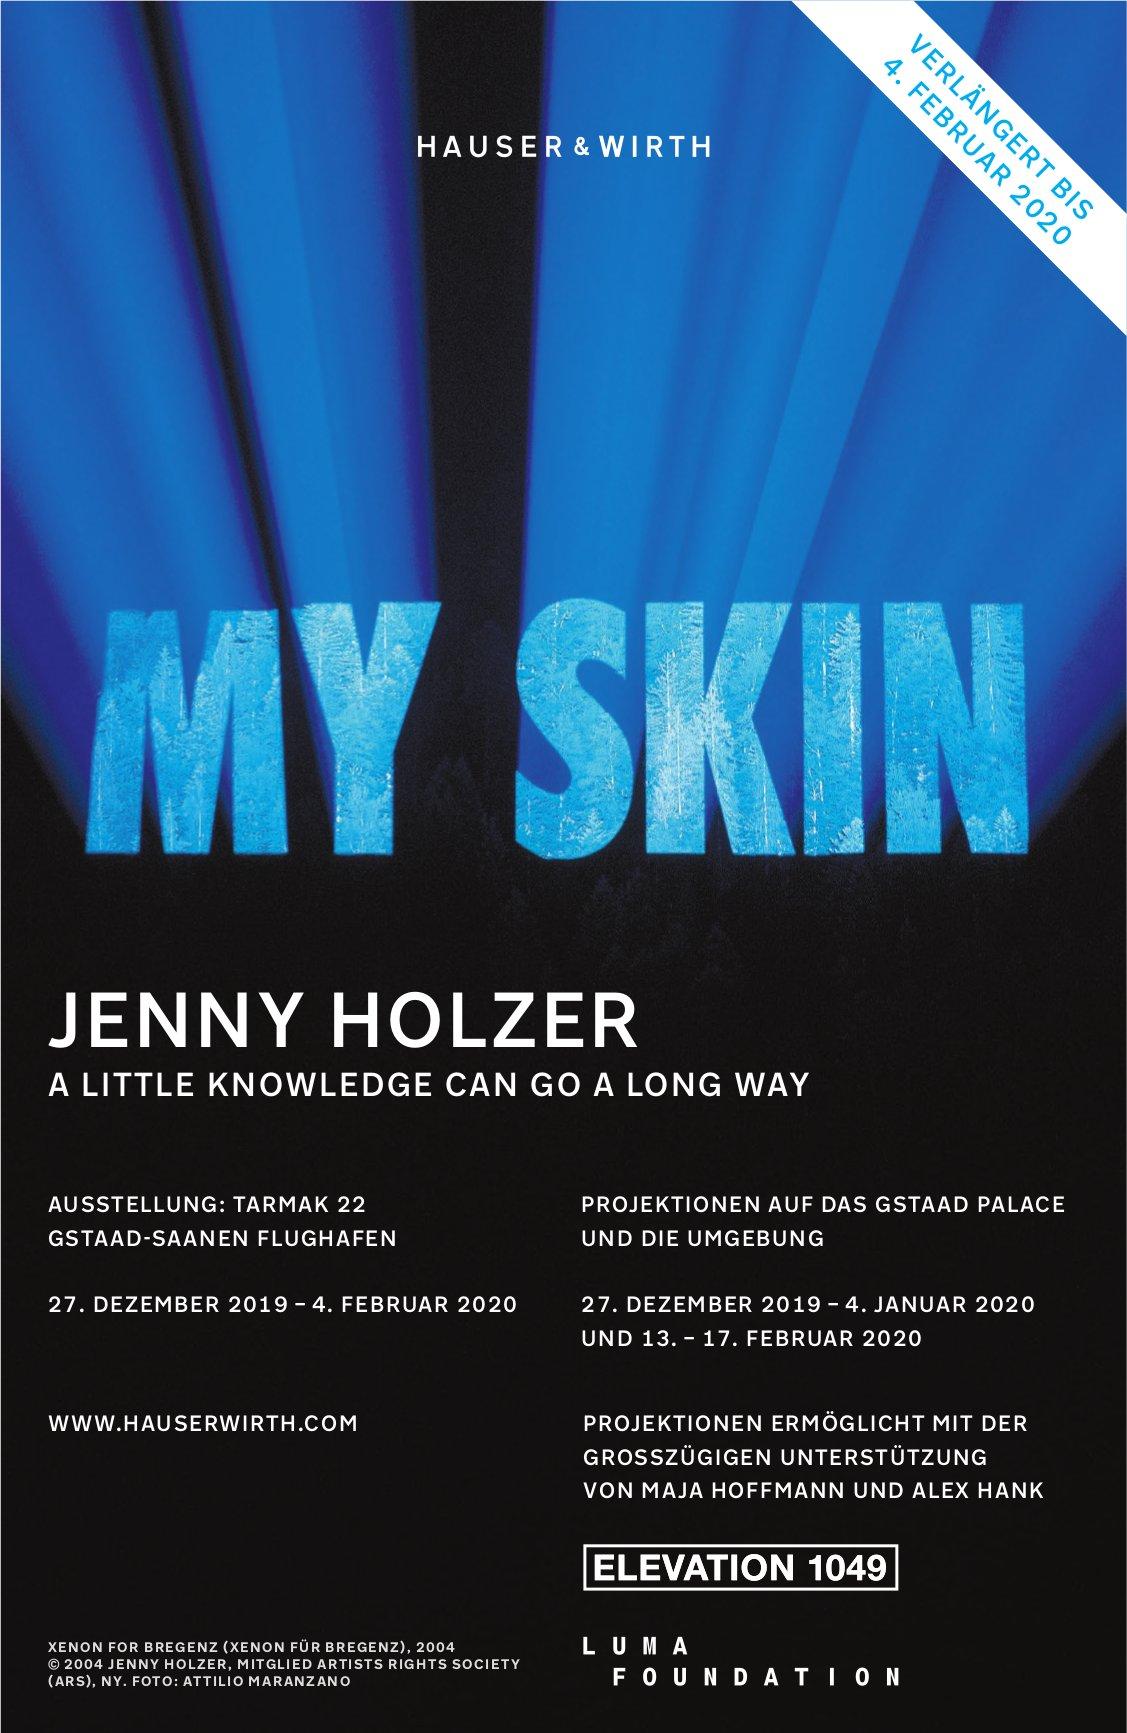 MY SKIN,  JENNY HOLZER, BIS 4. FEBRUAR, AUSSTELLUNG TARMAK 22,  FLUGHAFEN GSTAAD SAANEN